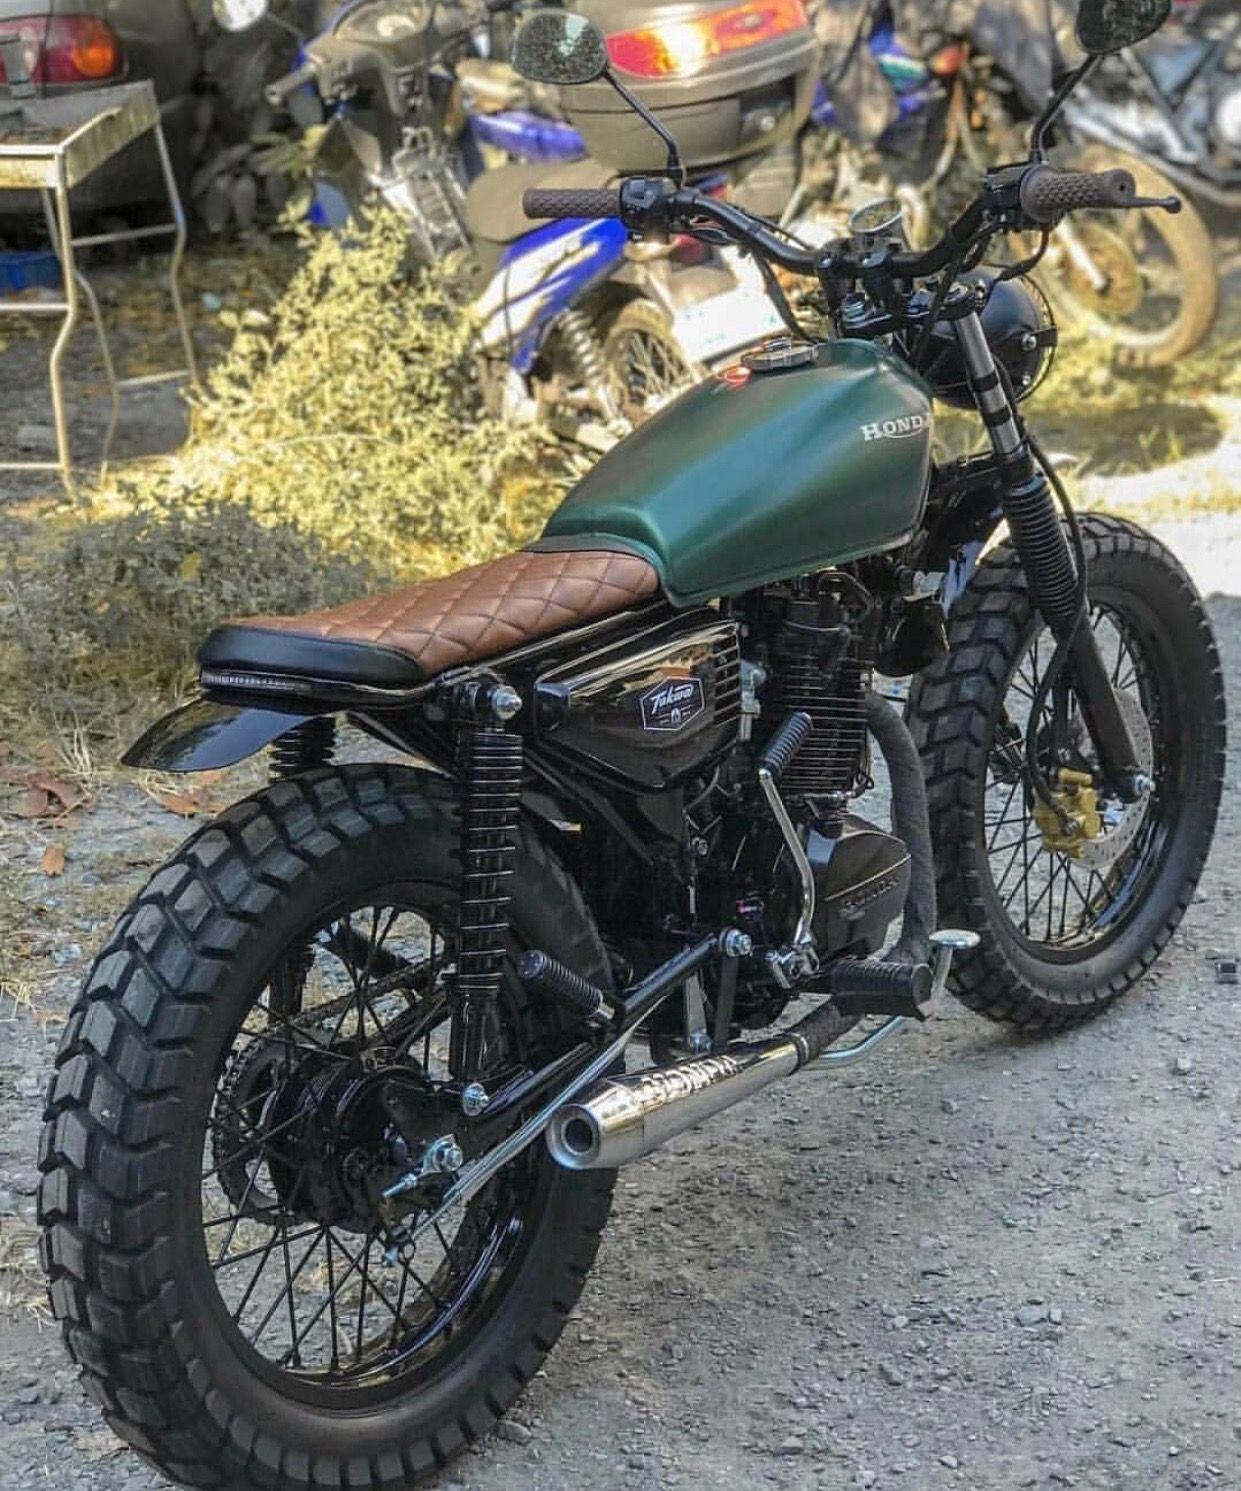 small resolution of honda scrambler green and brown honda scrambler honda cb400 yamaha scrambler motorcycle